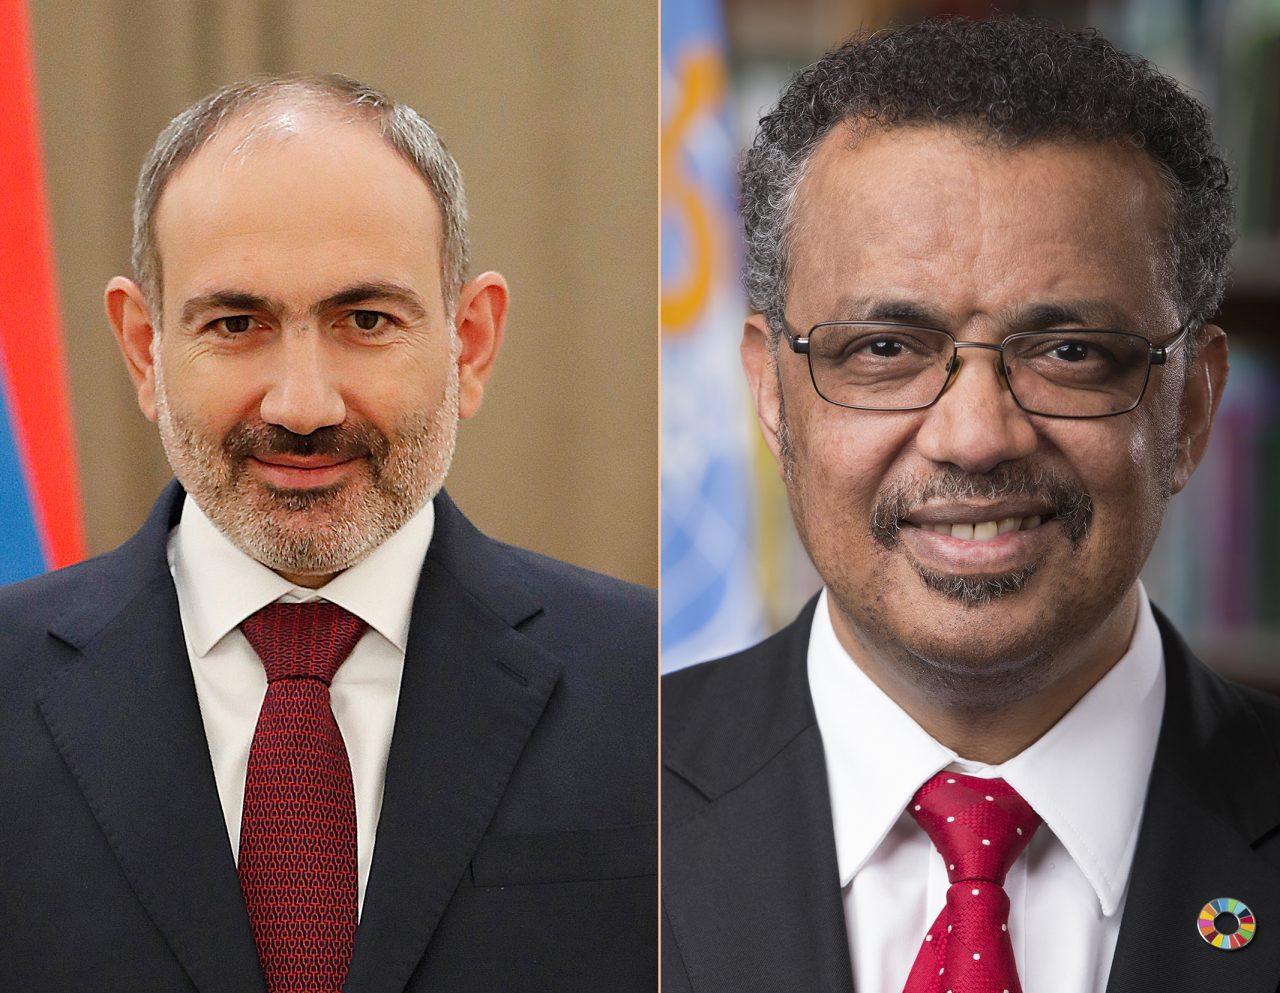 Վարչապետը հեռախոսազրույց է ունեցել ԱՀԿ գլխավոր տնօրեն Թեդրոս Ադհանոմ Ղեբրեյեսուսի հետ